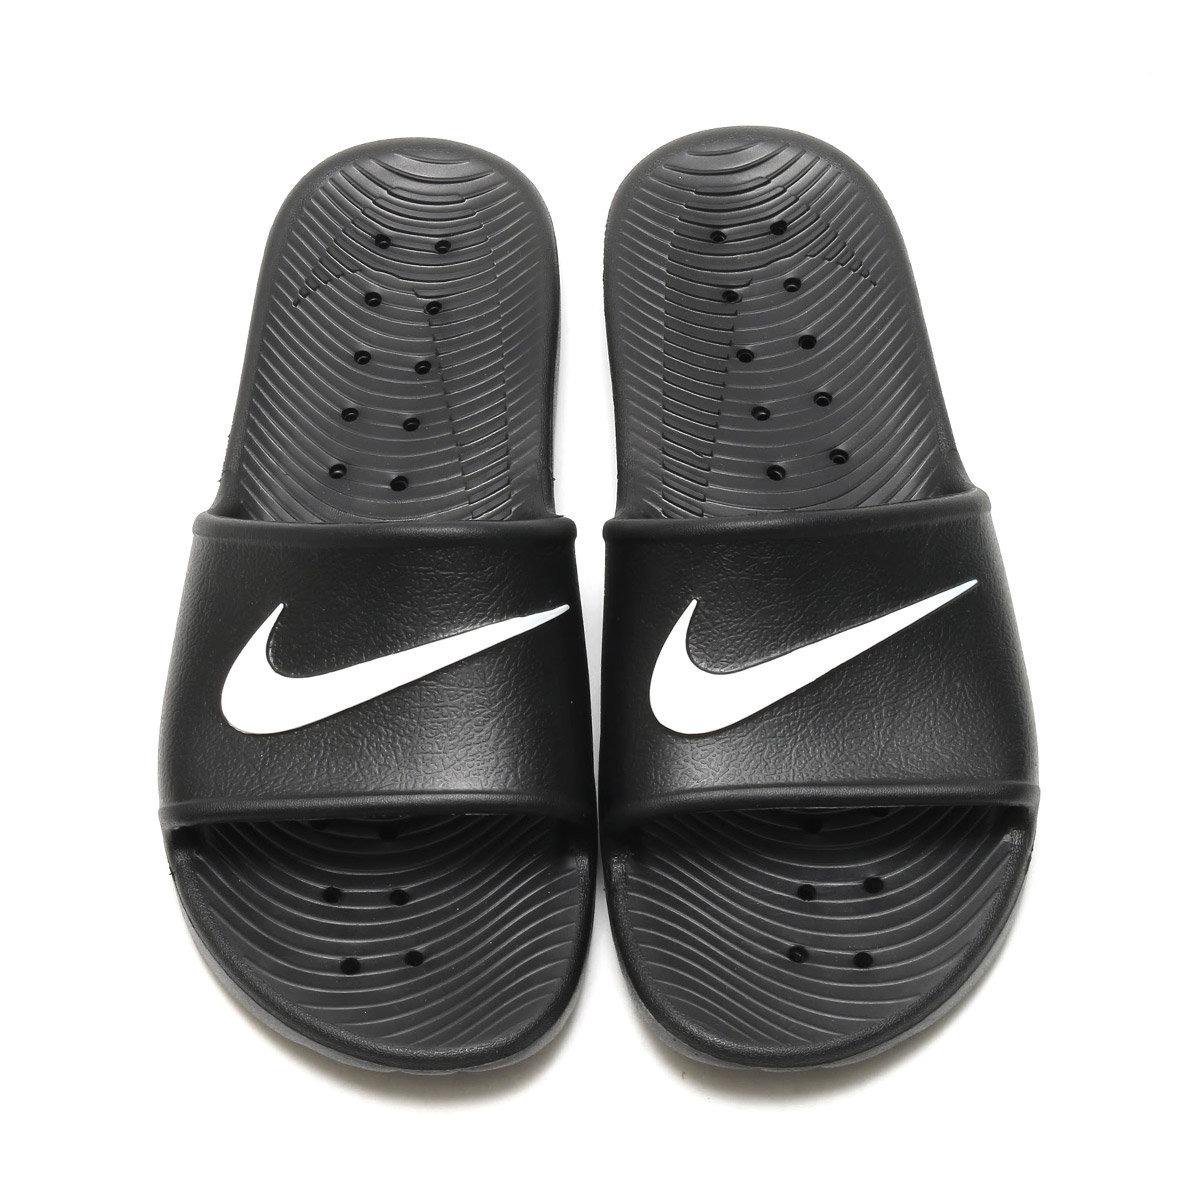 Kawa Nuevo En Mercado S 2018 Nike 00 Libre Sandalias 229 Hombre 7qpPAwxx5